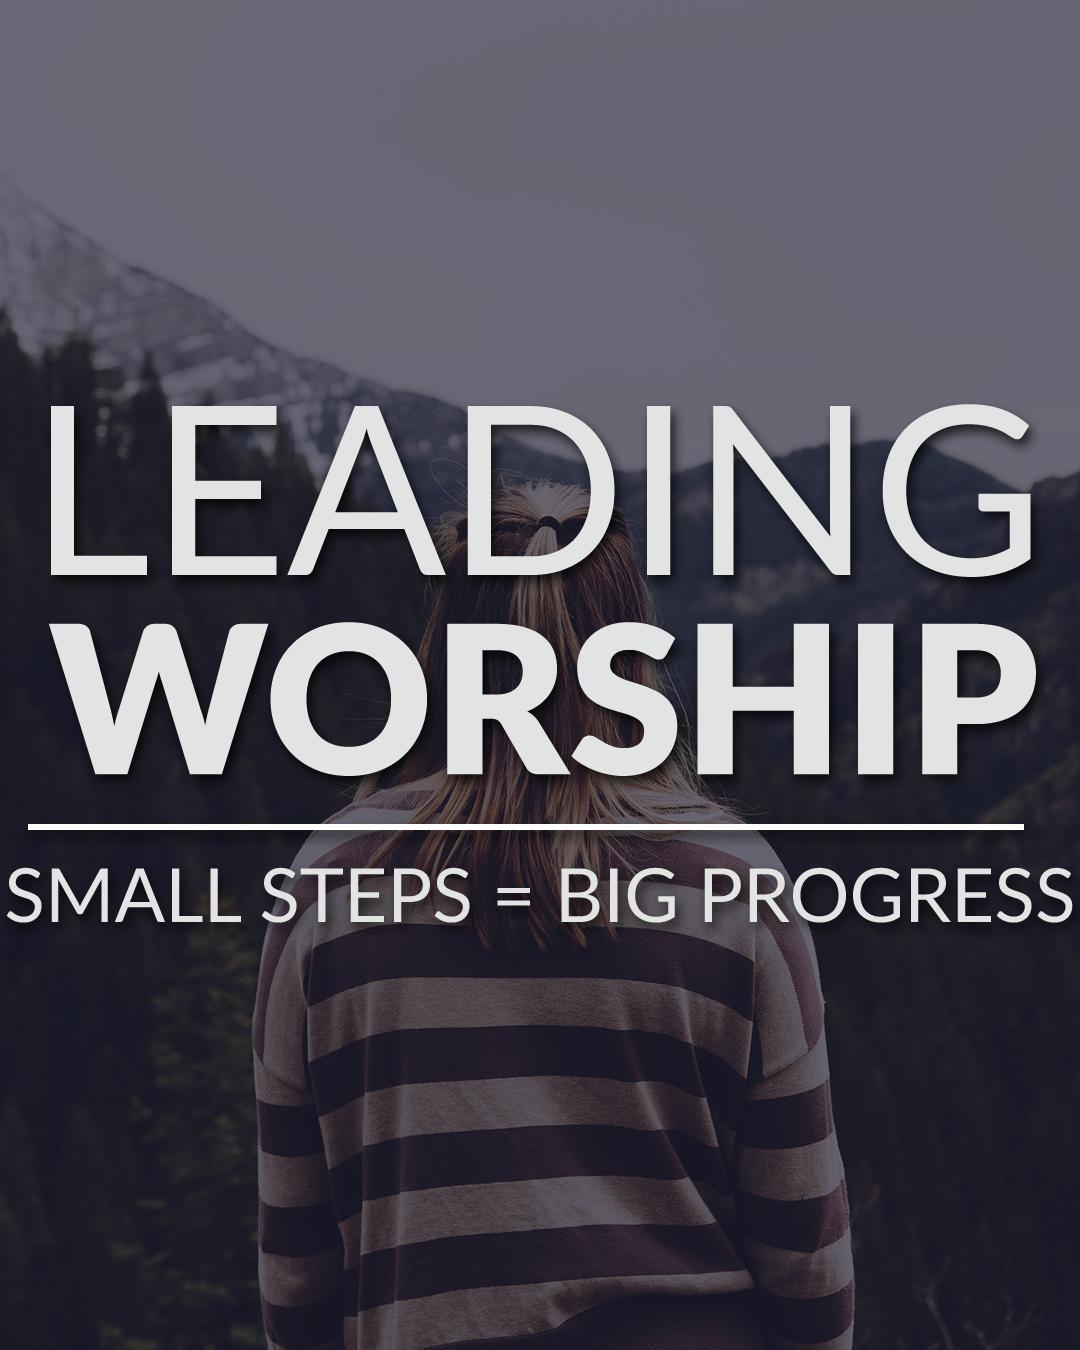 Small steps equals big progress